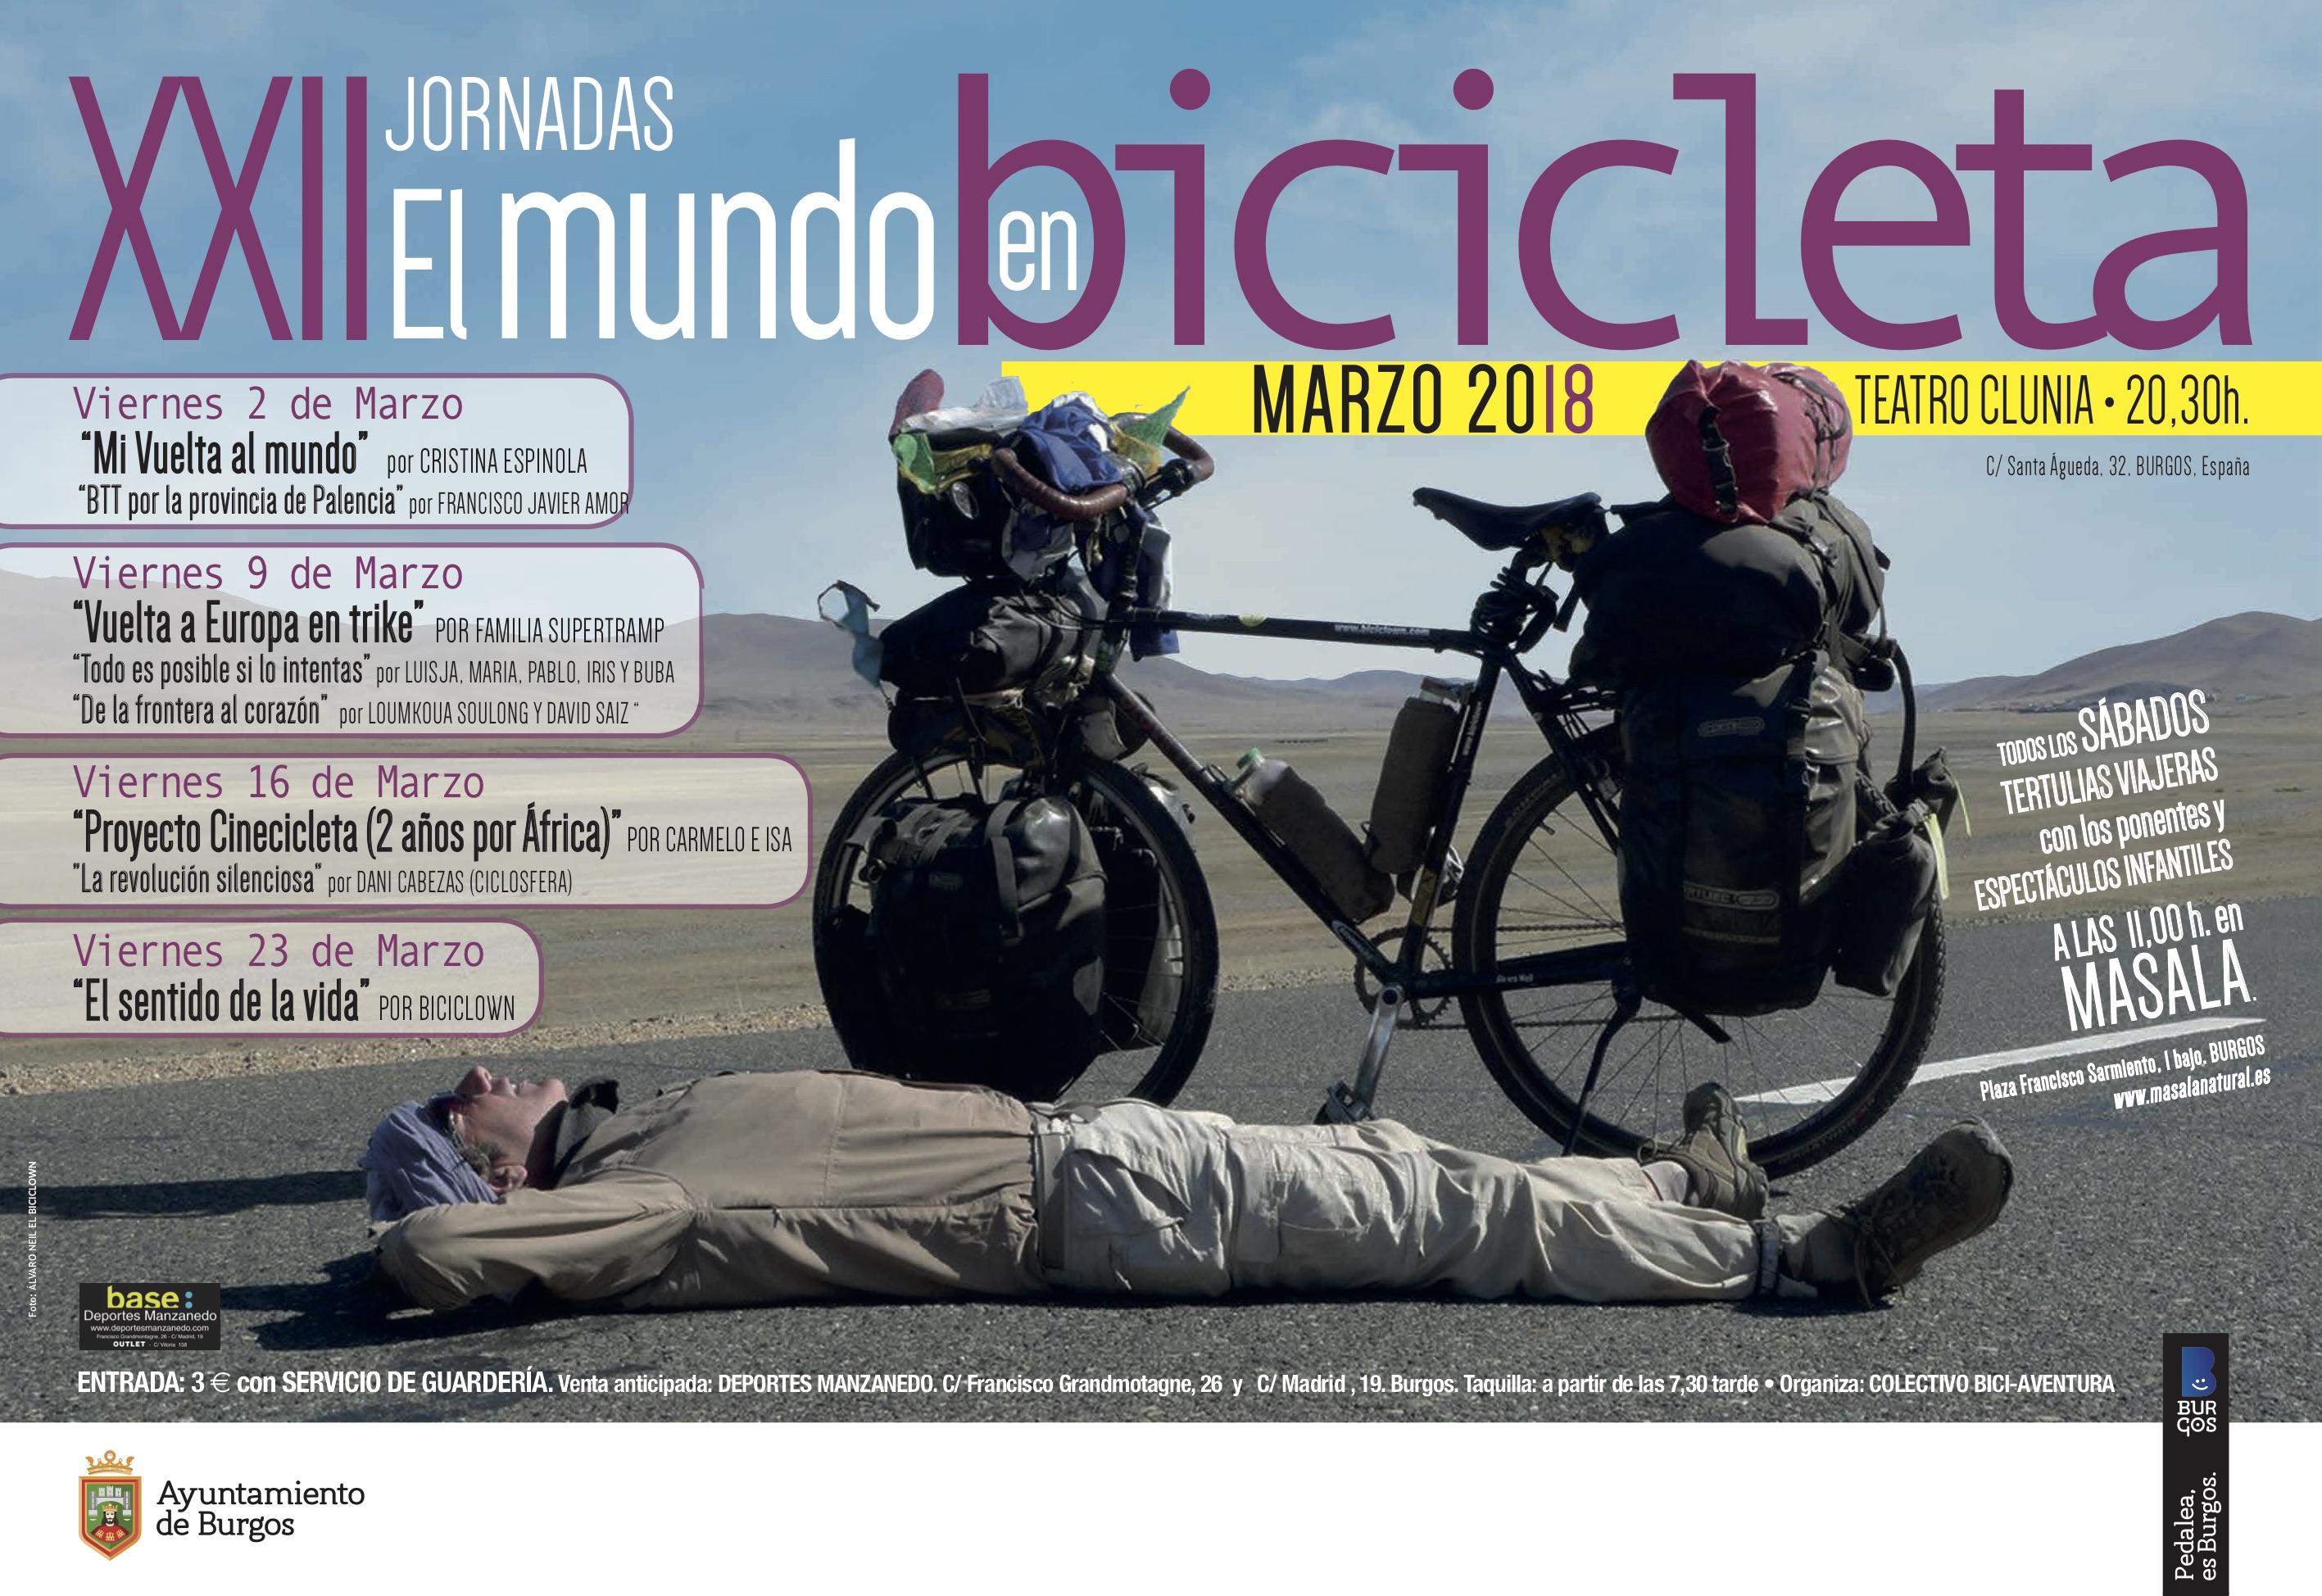 Cicloviajero descansando tumbado en una carretera a los pies de su bici